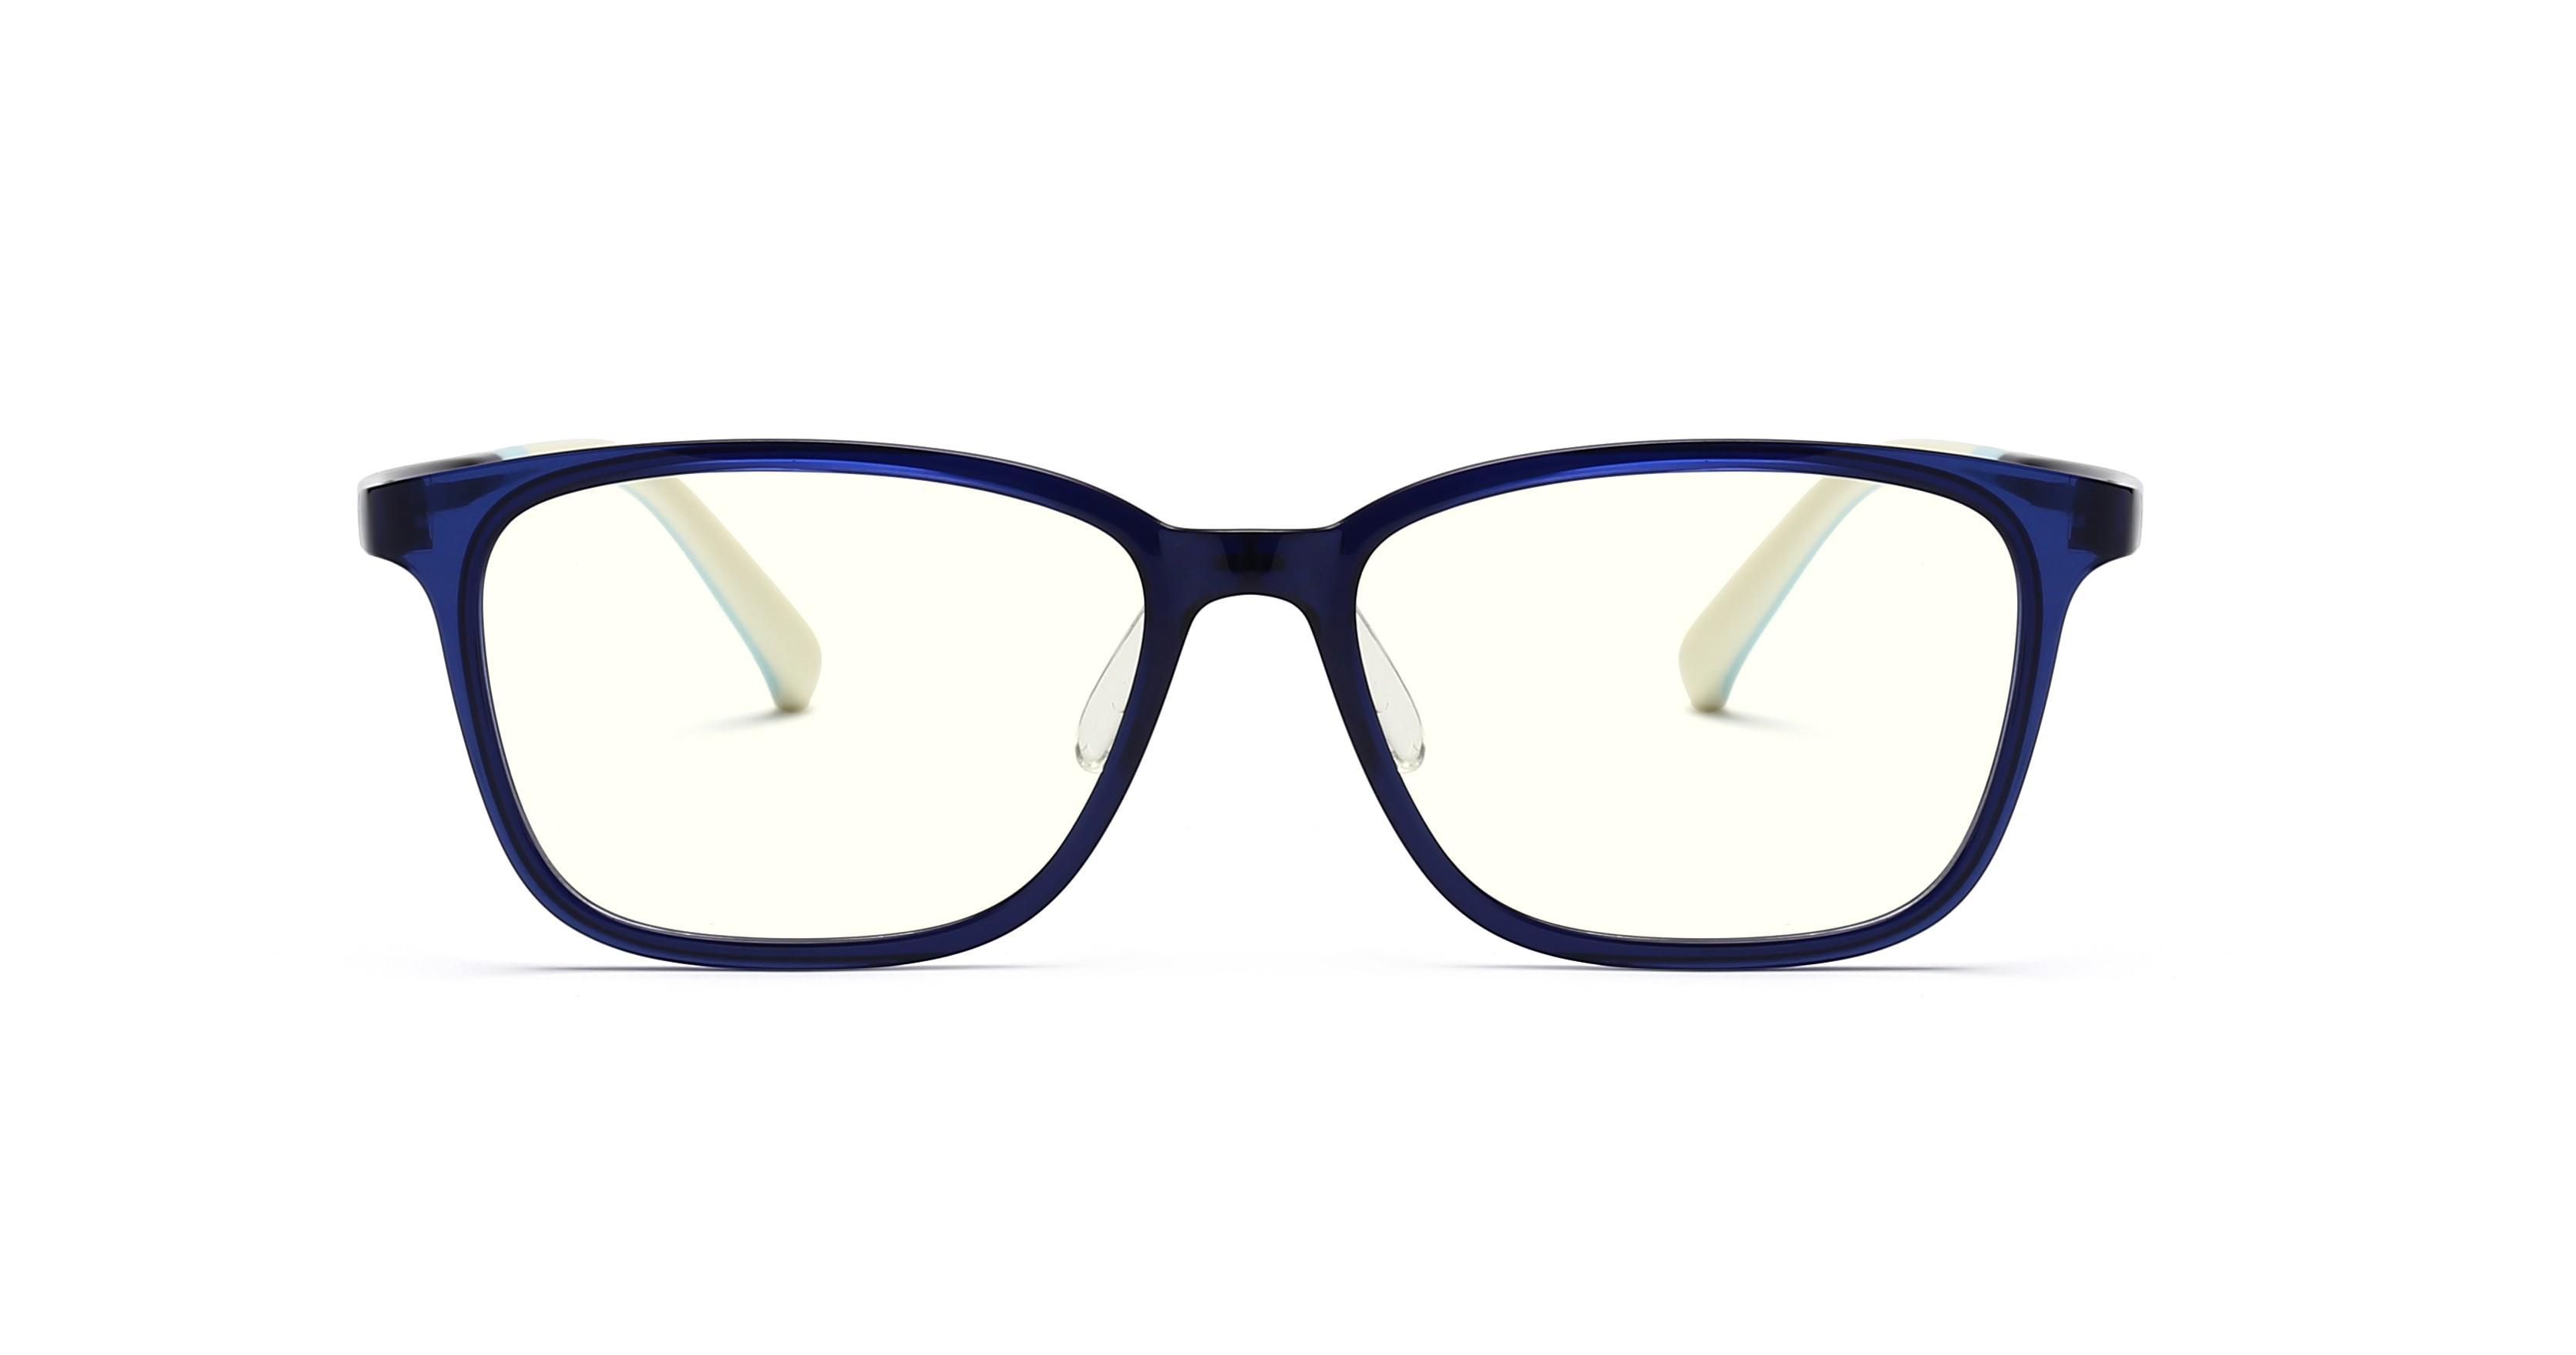 Hutton - Navy Blue